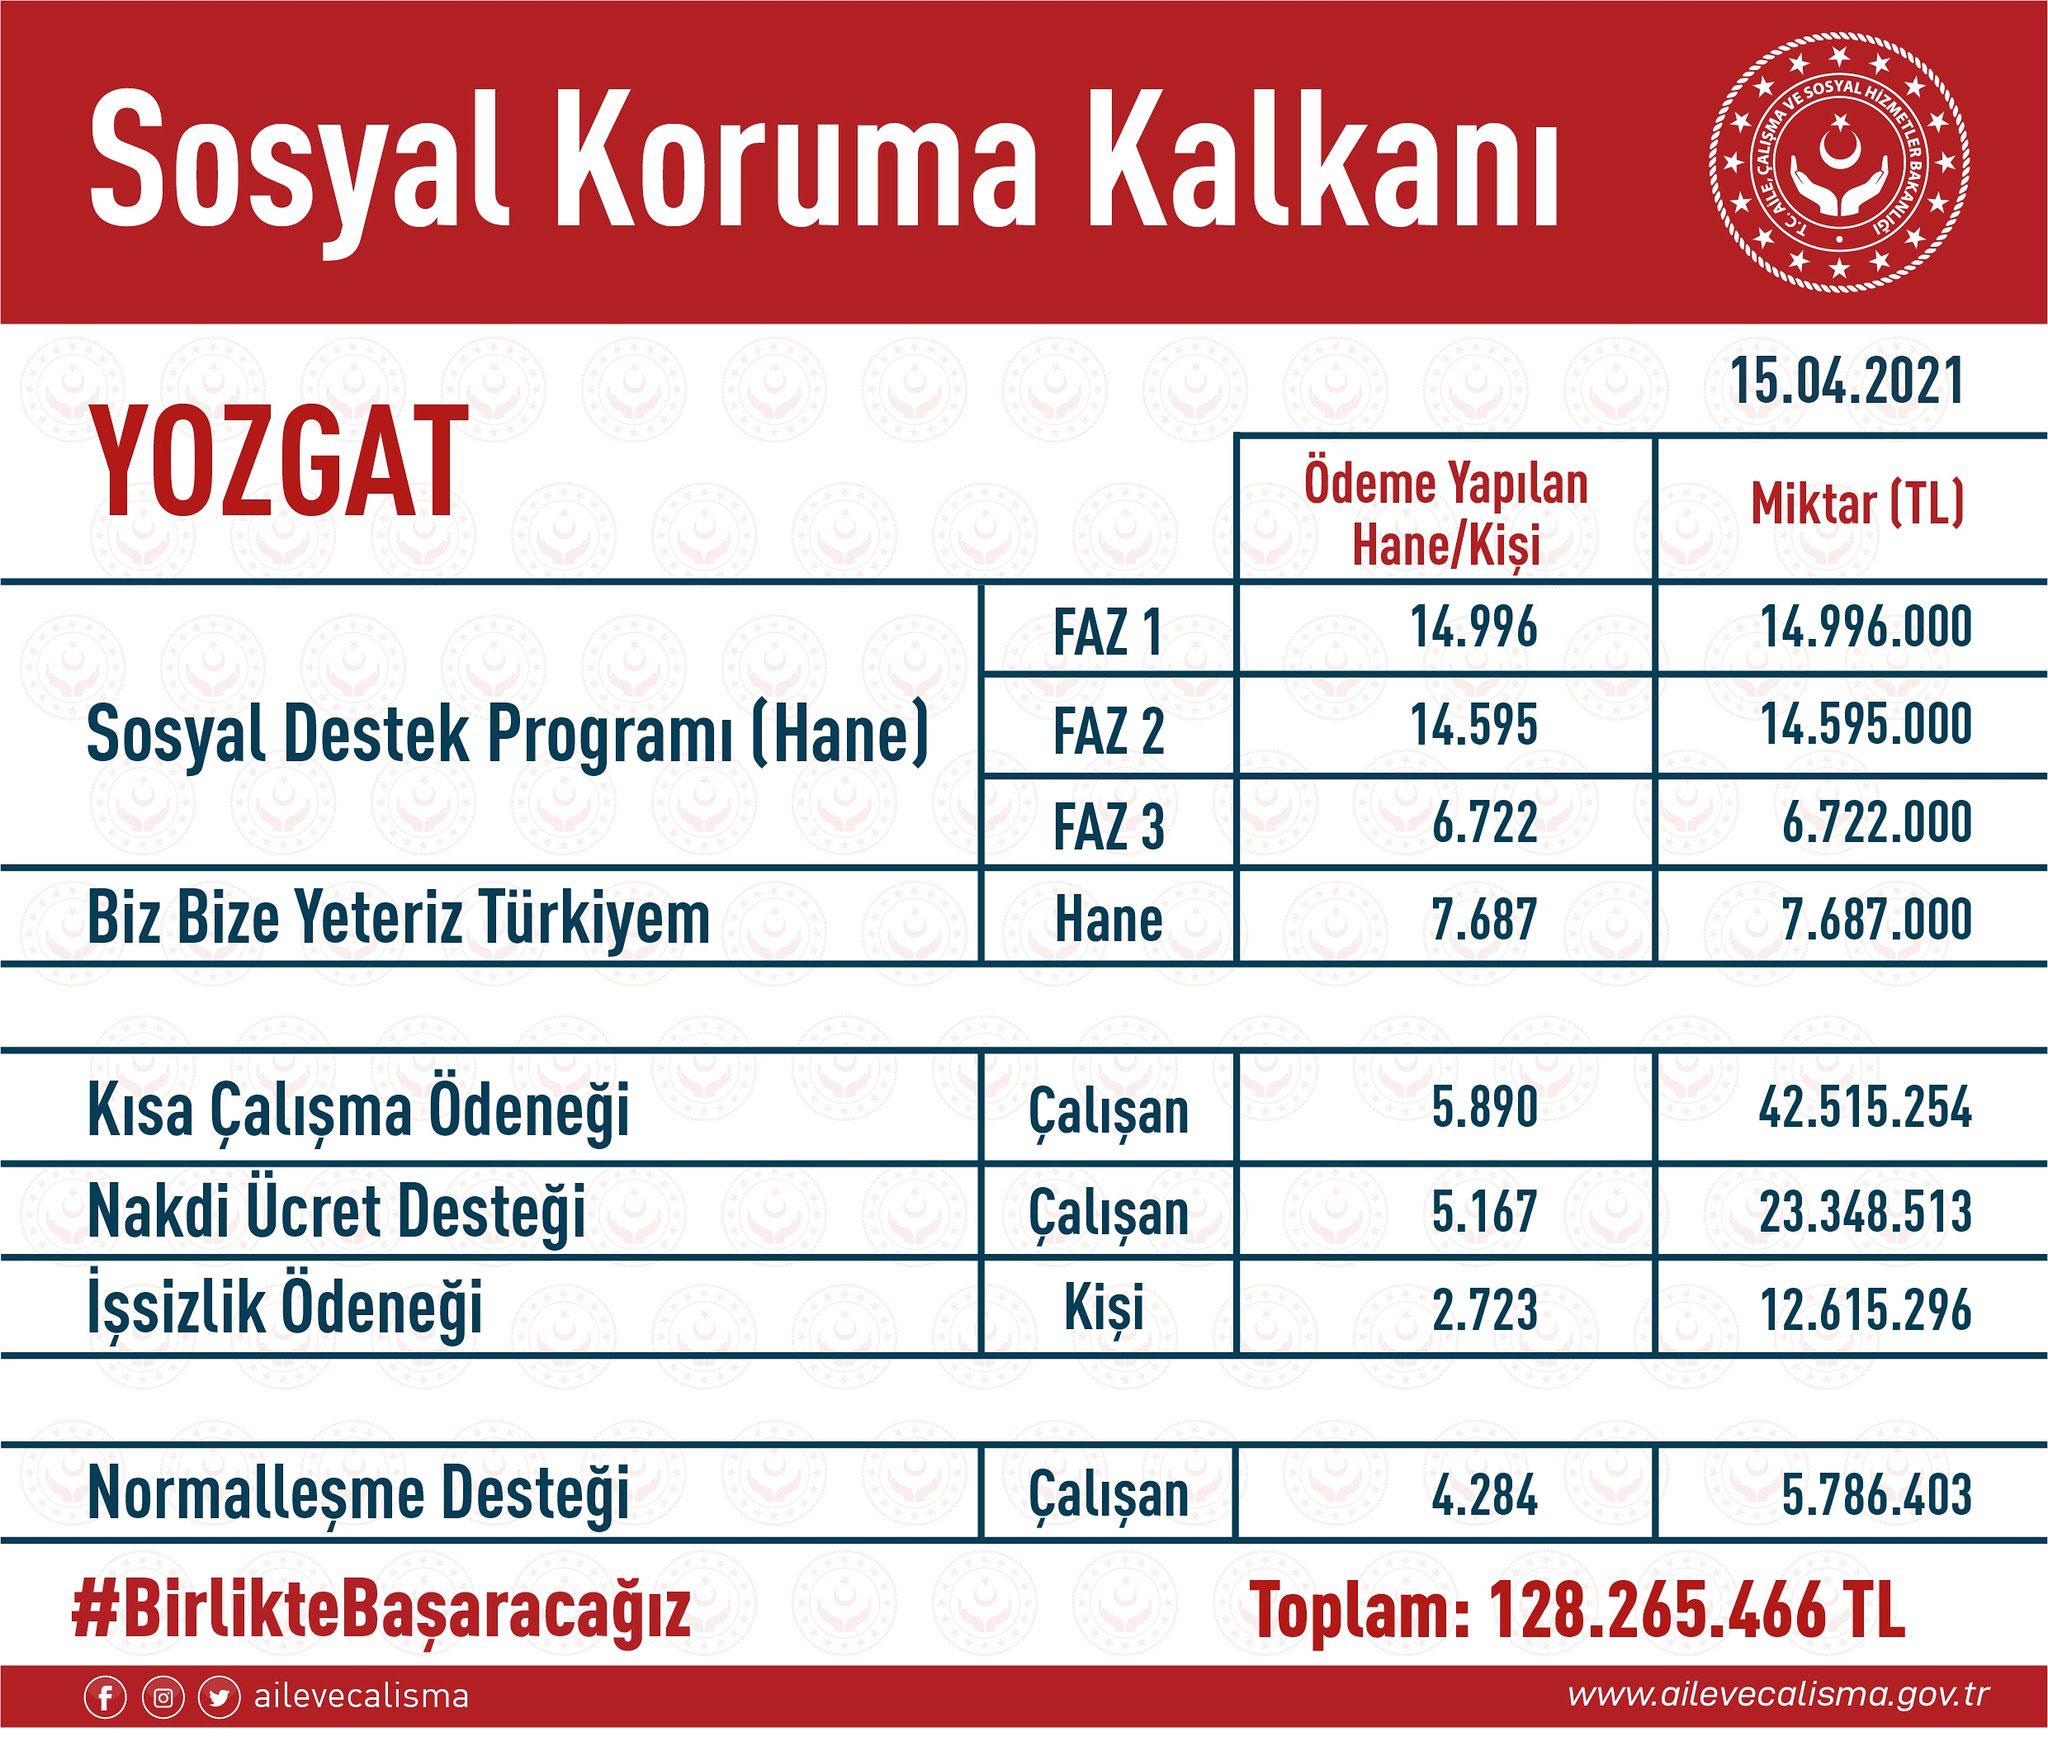 sosyal-koruma-kalkani-yozgat.jpg